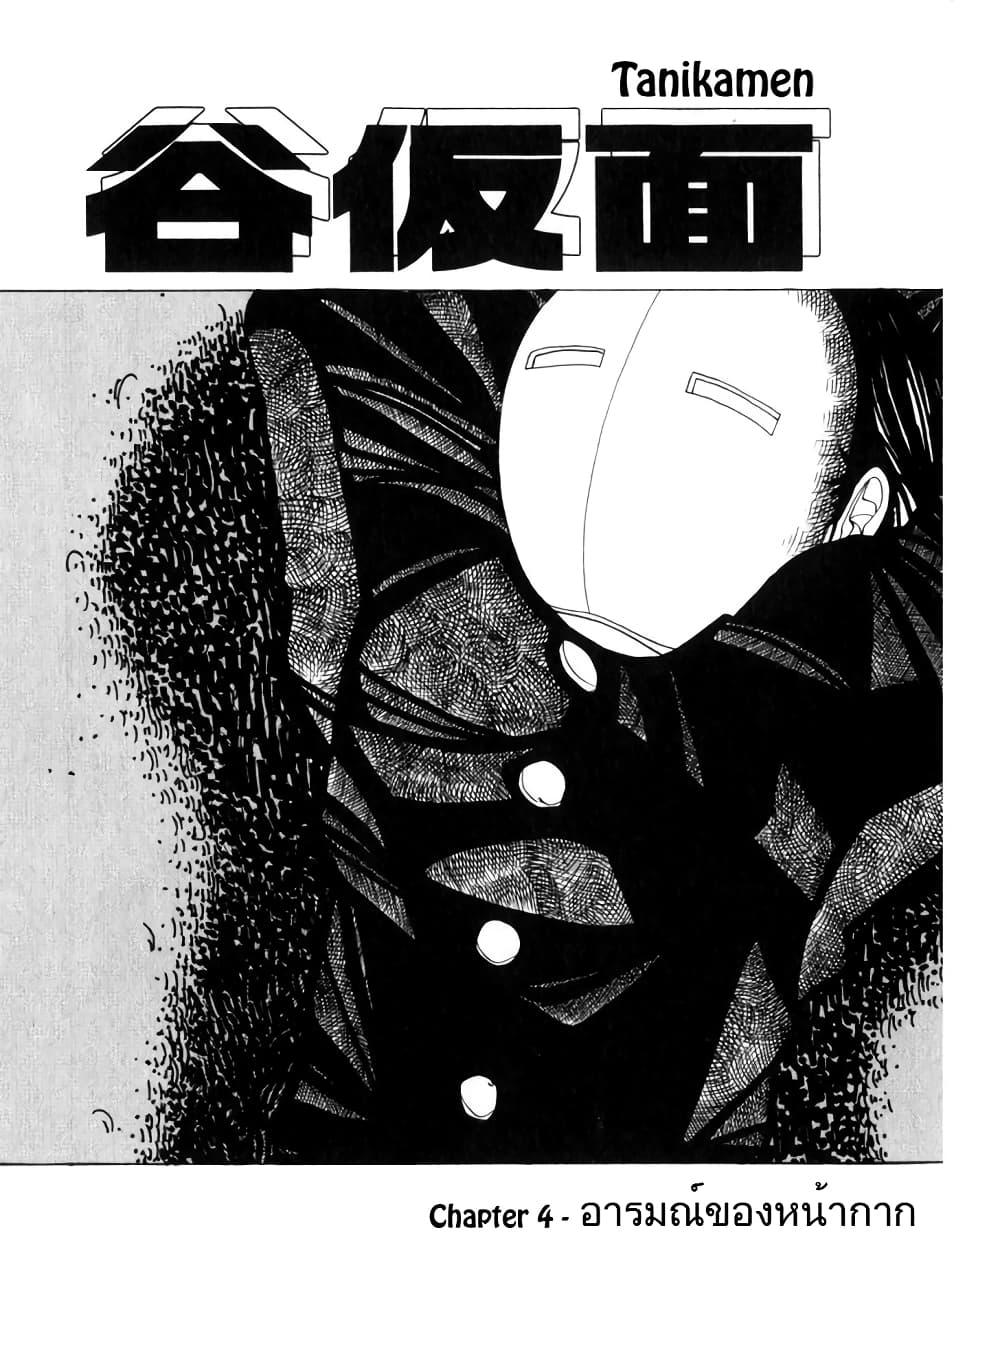 อ่านการ์ตูน Tanikamen ตอนที่ 4 หน้าที่ 1